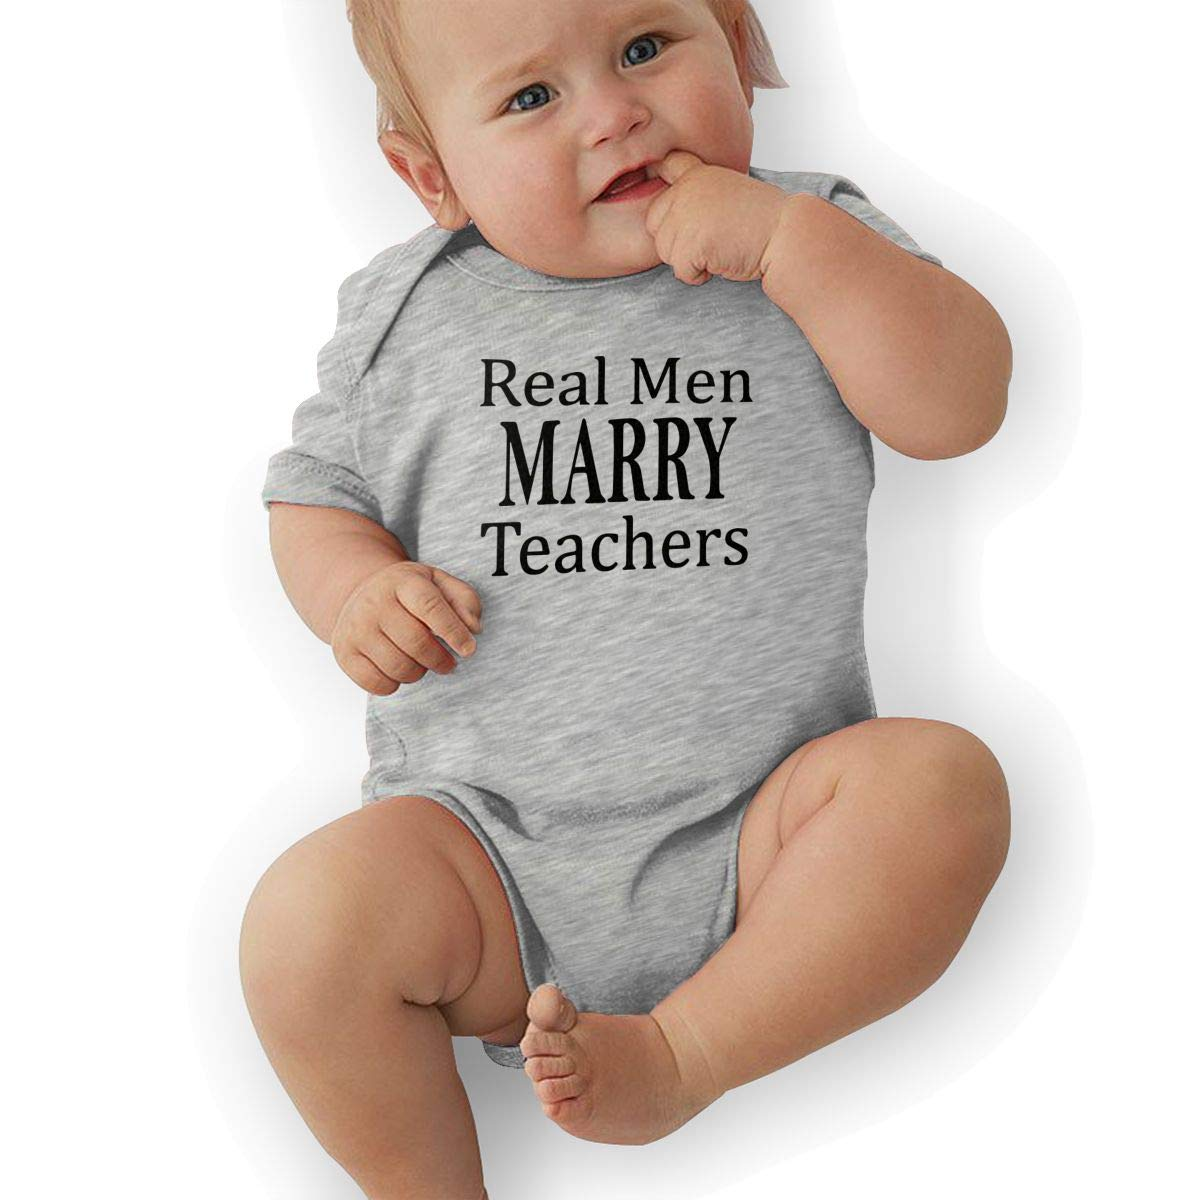 Short Sleeve Cotton Bodysuit for Unisex Baby Soft Real Men Marry Teachers Onesies